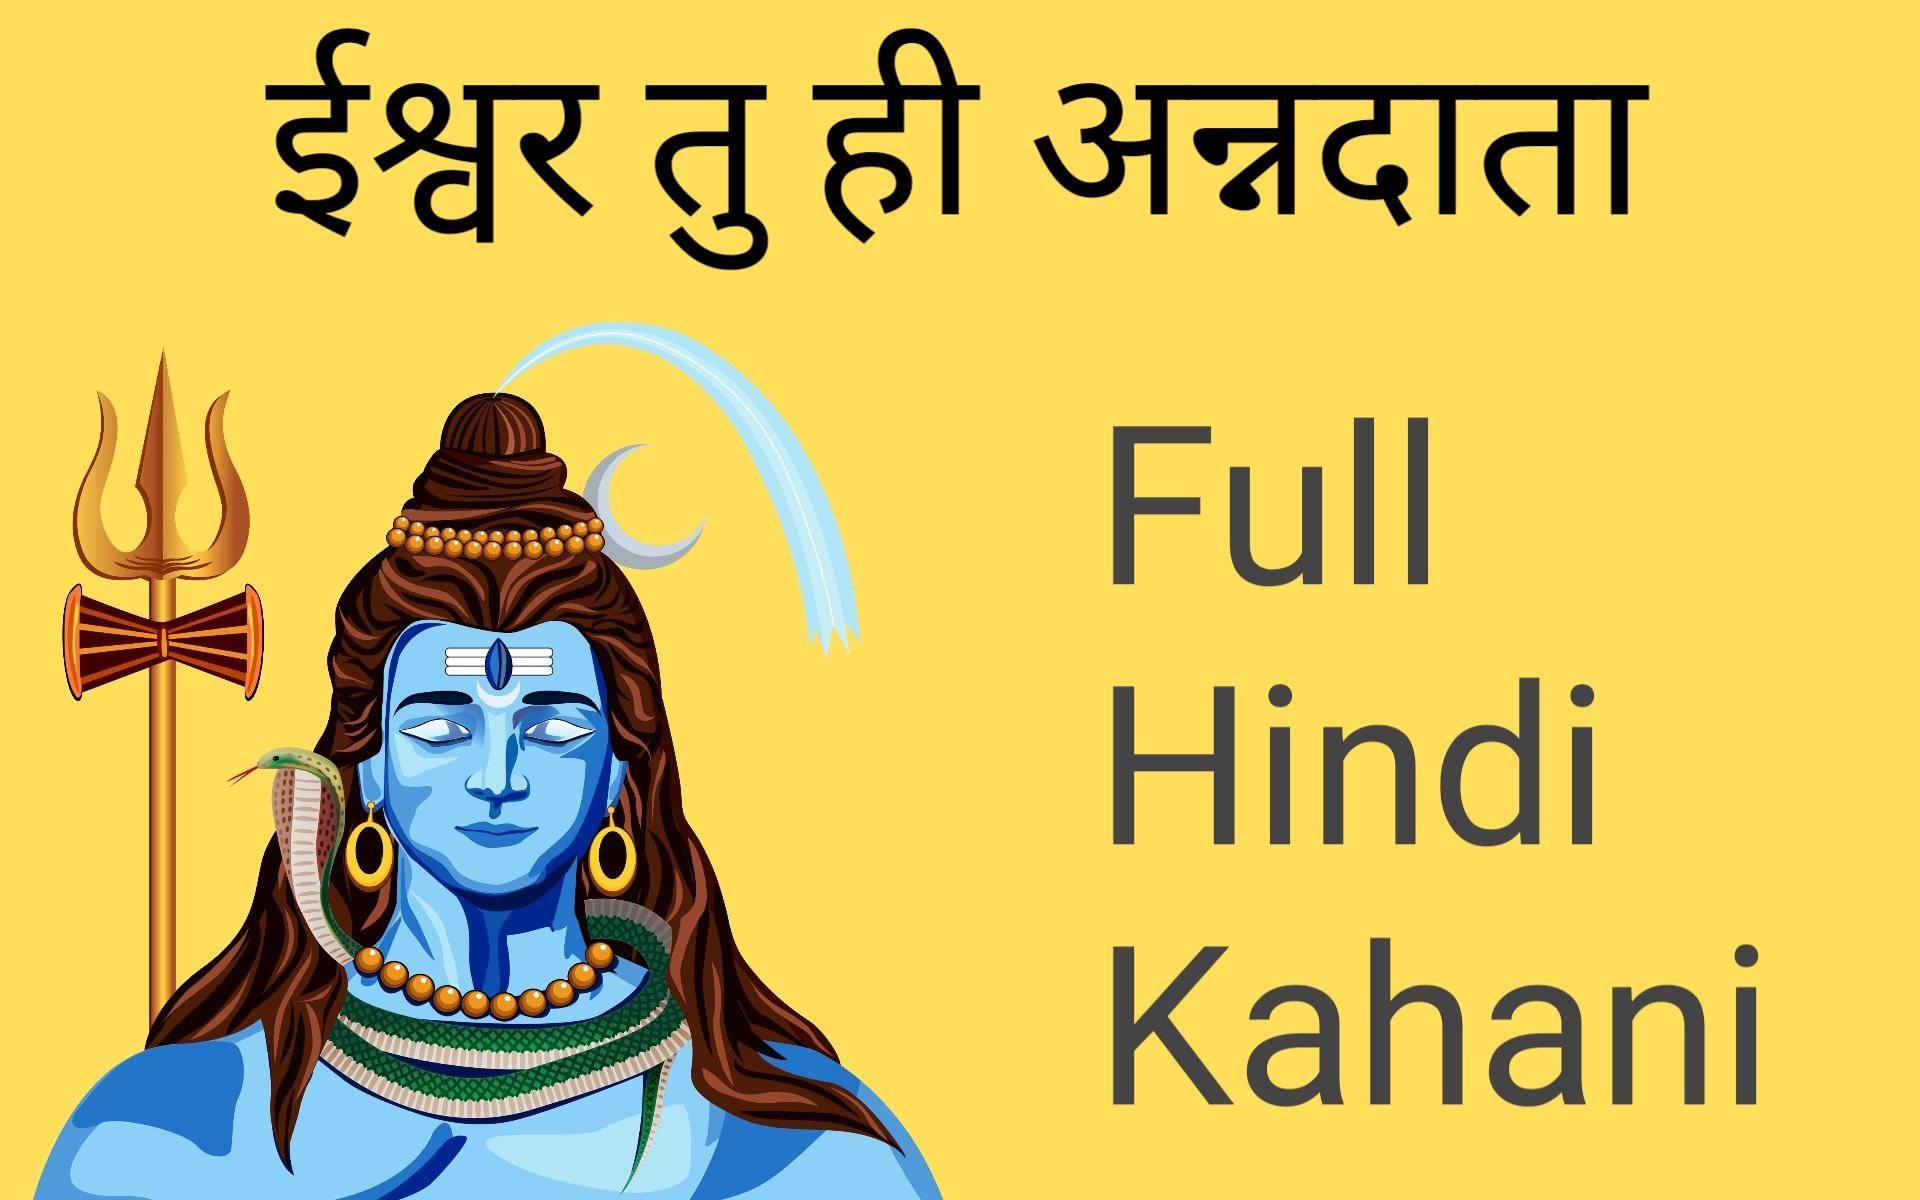 ईश्वर तू ही अन्नदाता है Hindi Kahaniya